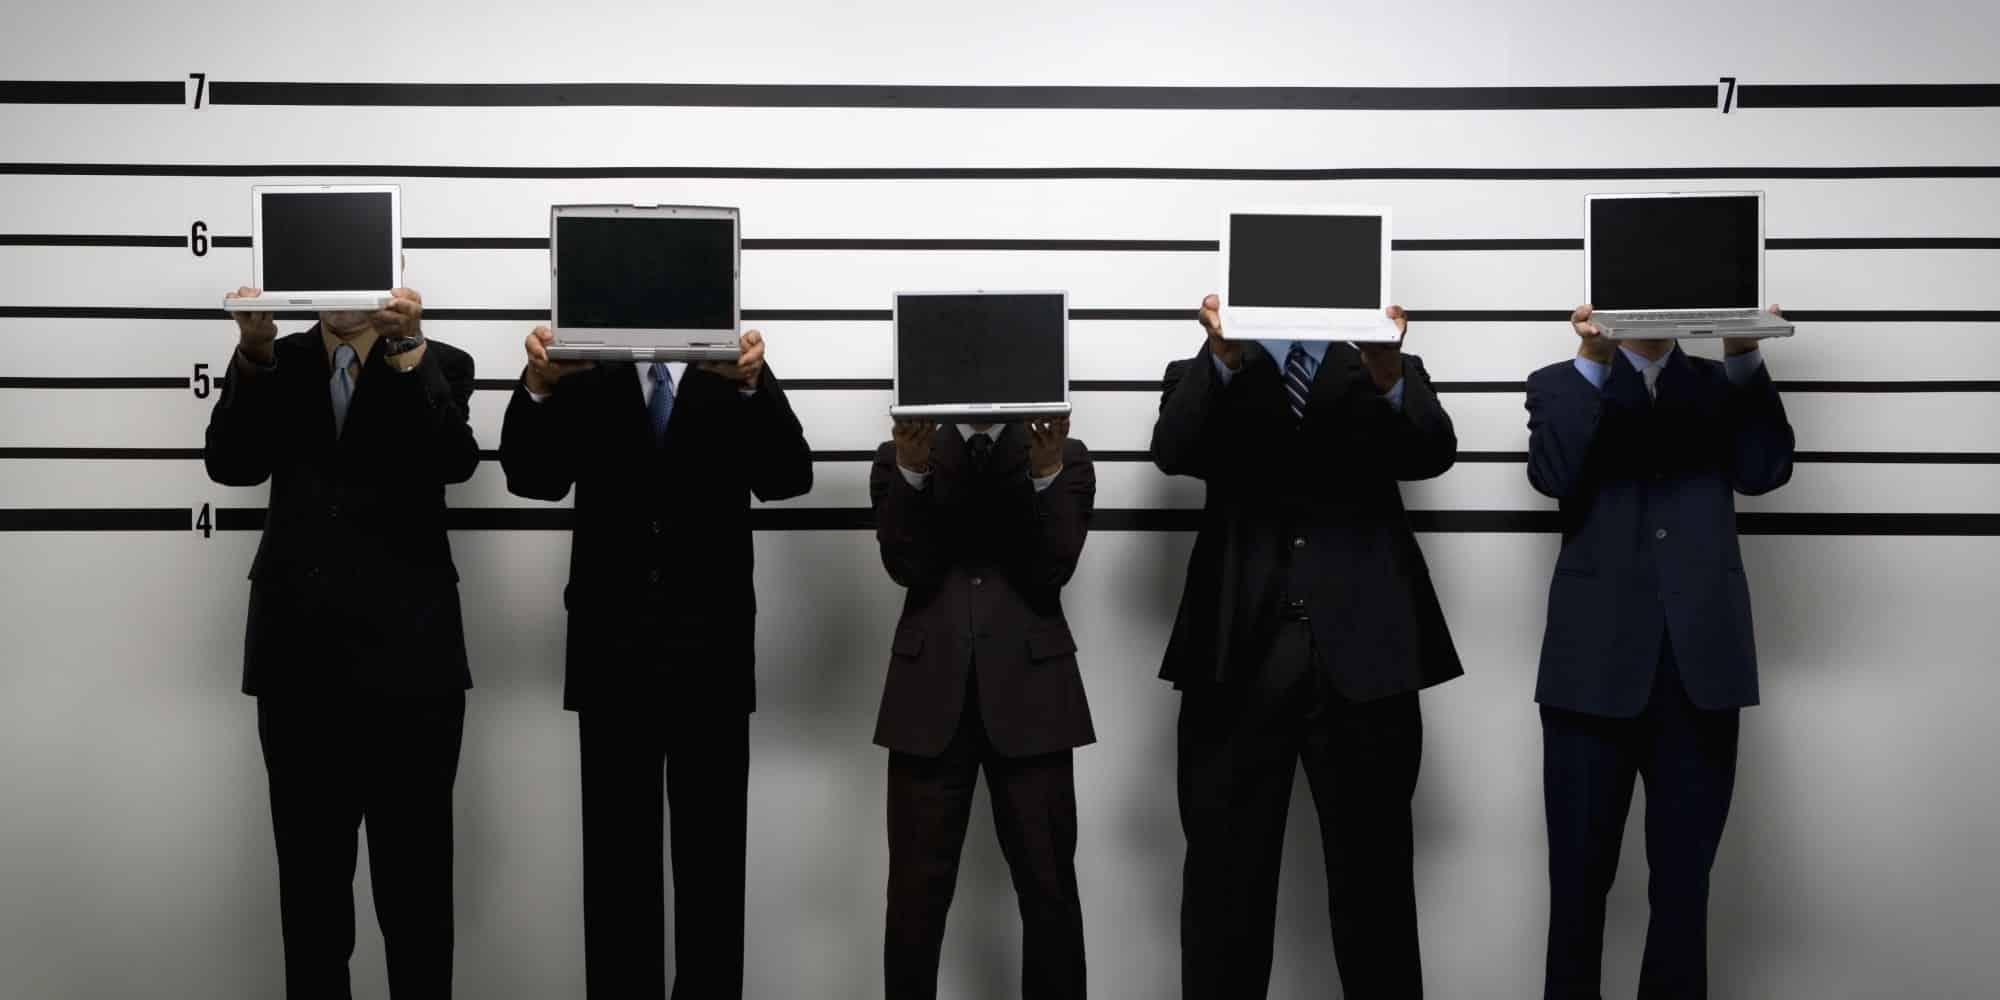 El cibercrimen representa un perjuicio para empresas y organizaciones, sus clientes y miembros, y la economía en general.